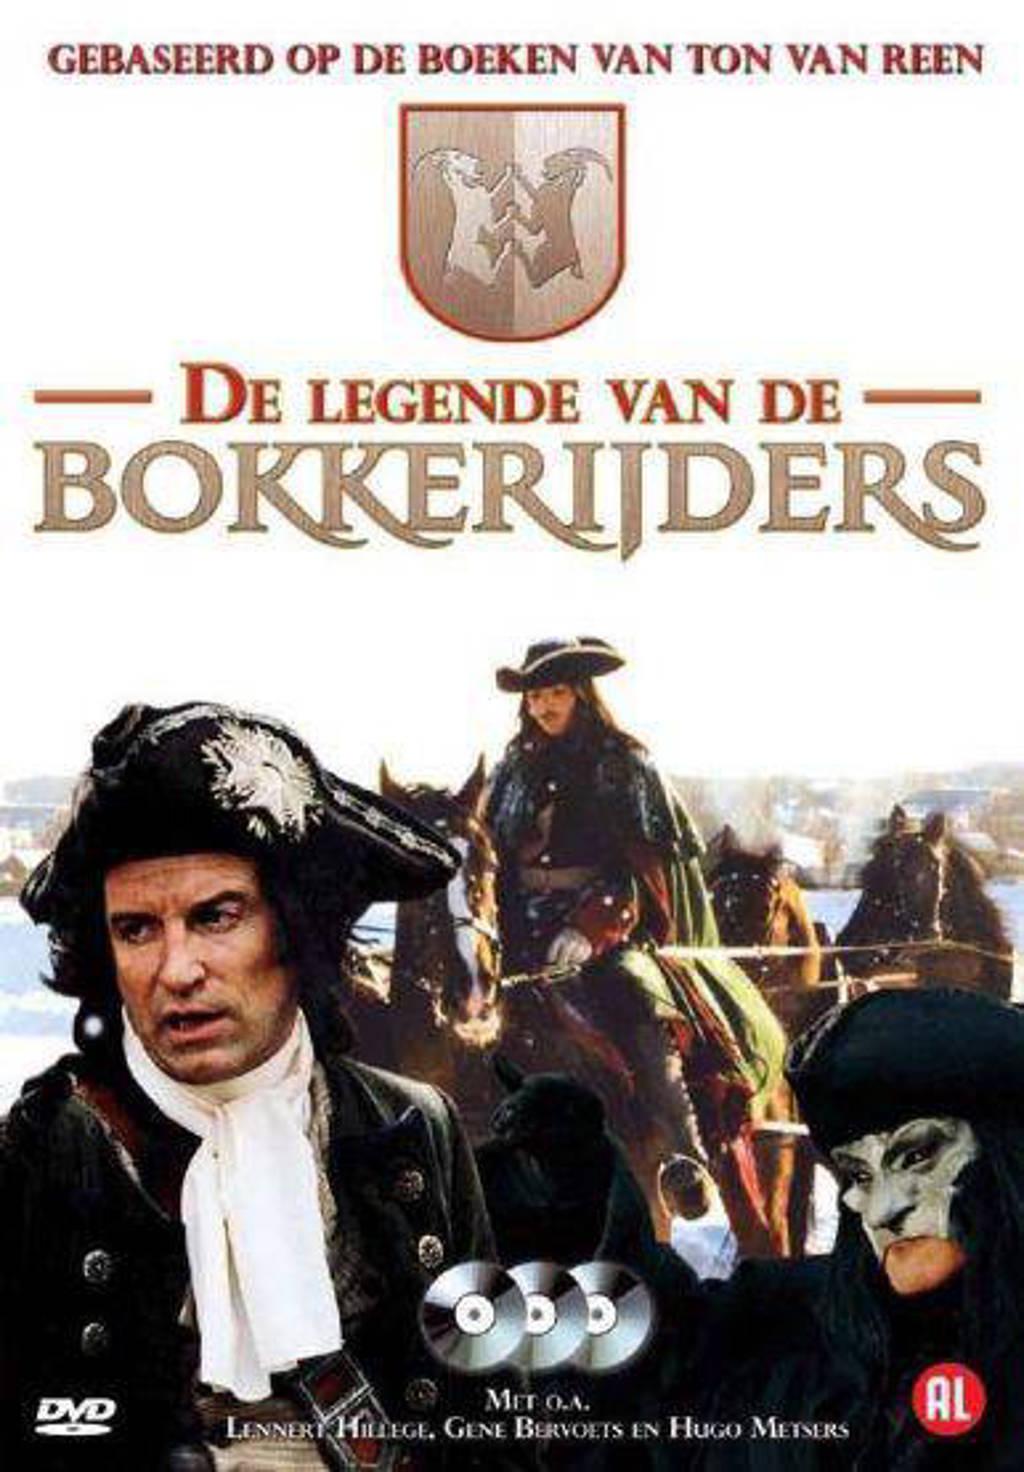 Legende van de bokkerijders (DVD)